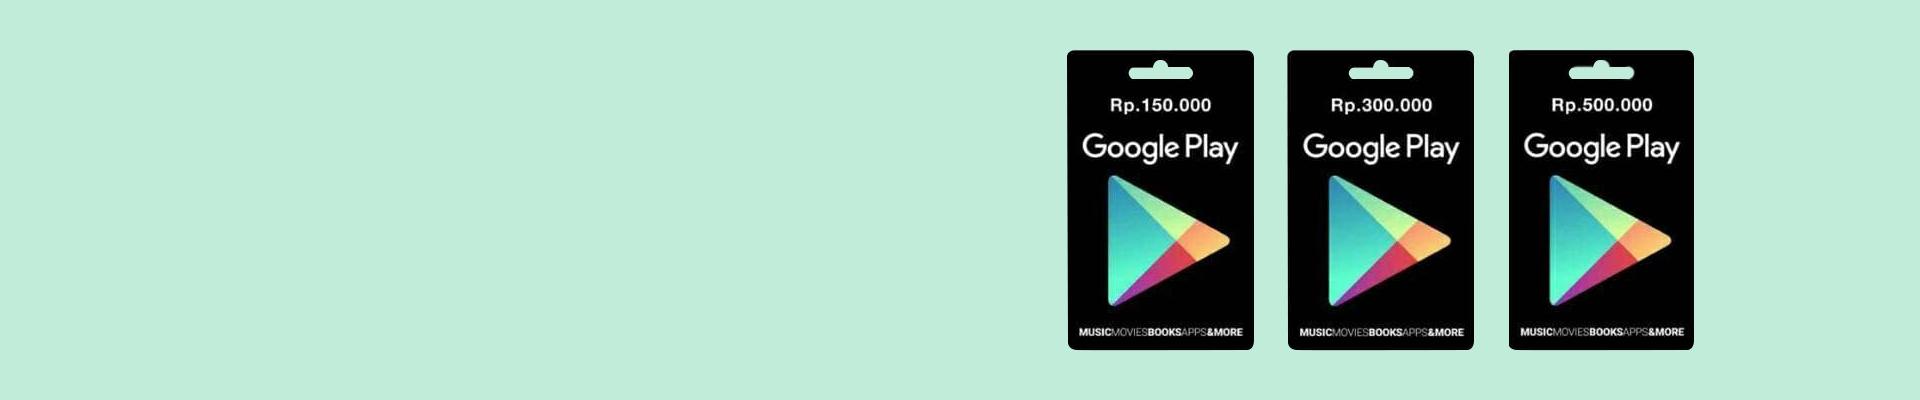 Jual App Gift Card Fisik Terlengkap - Harga Murah Online